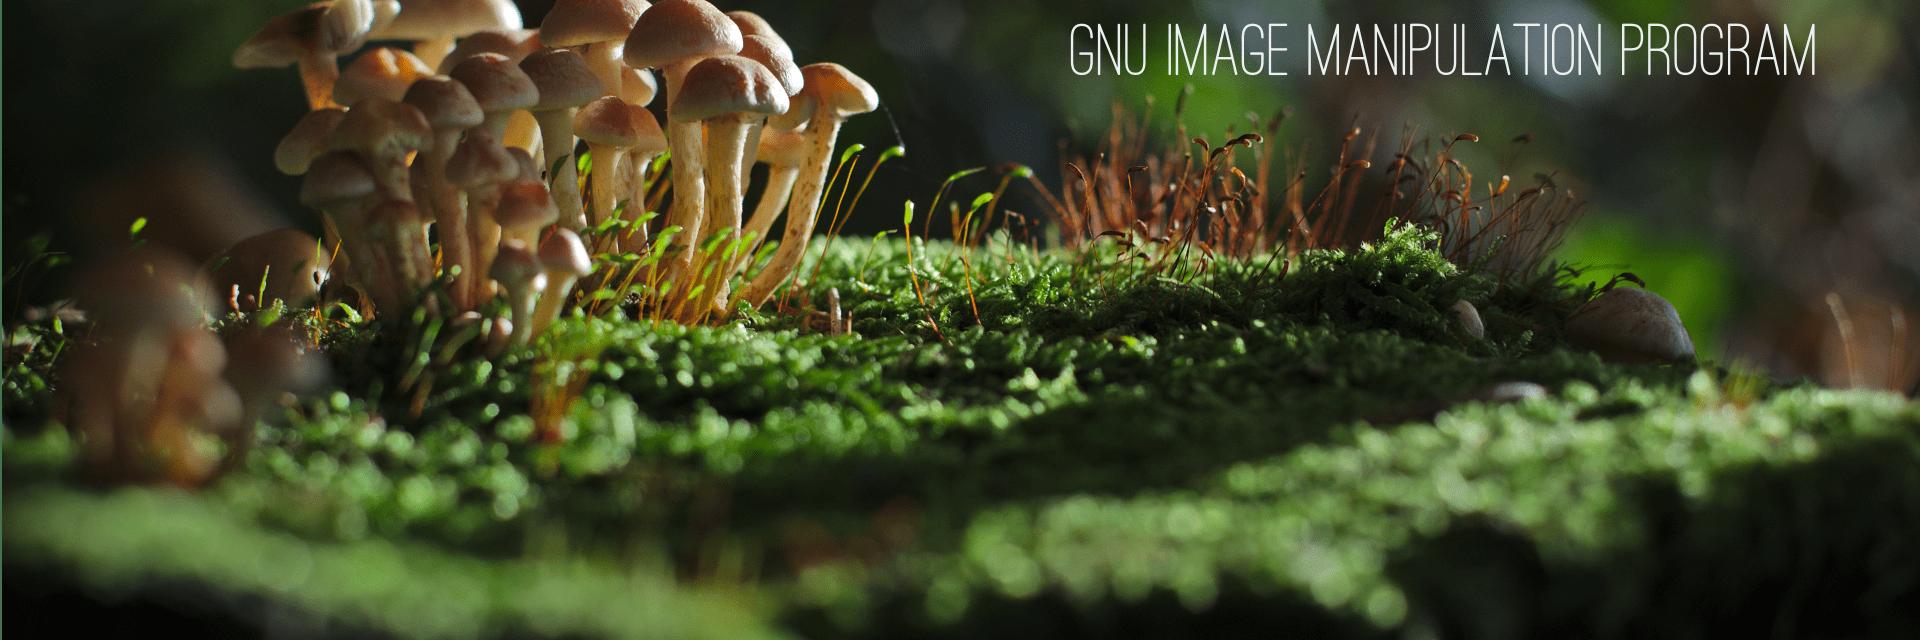 GNU Image Manipulation Program banner